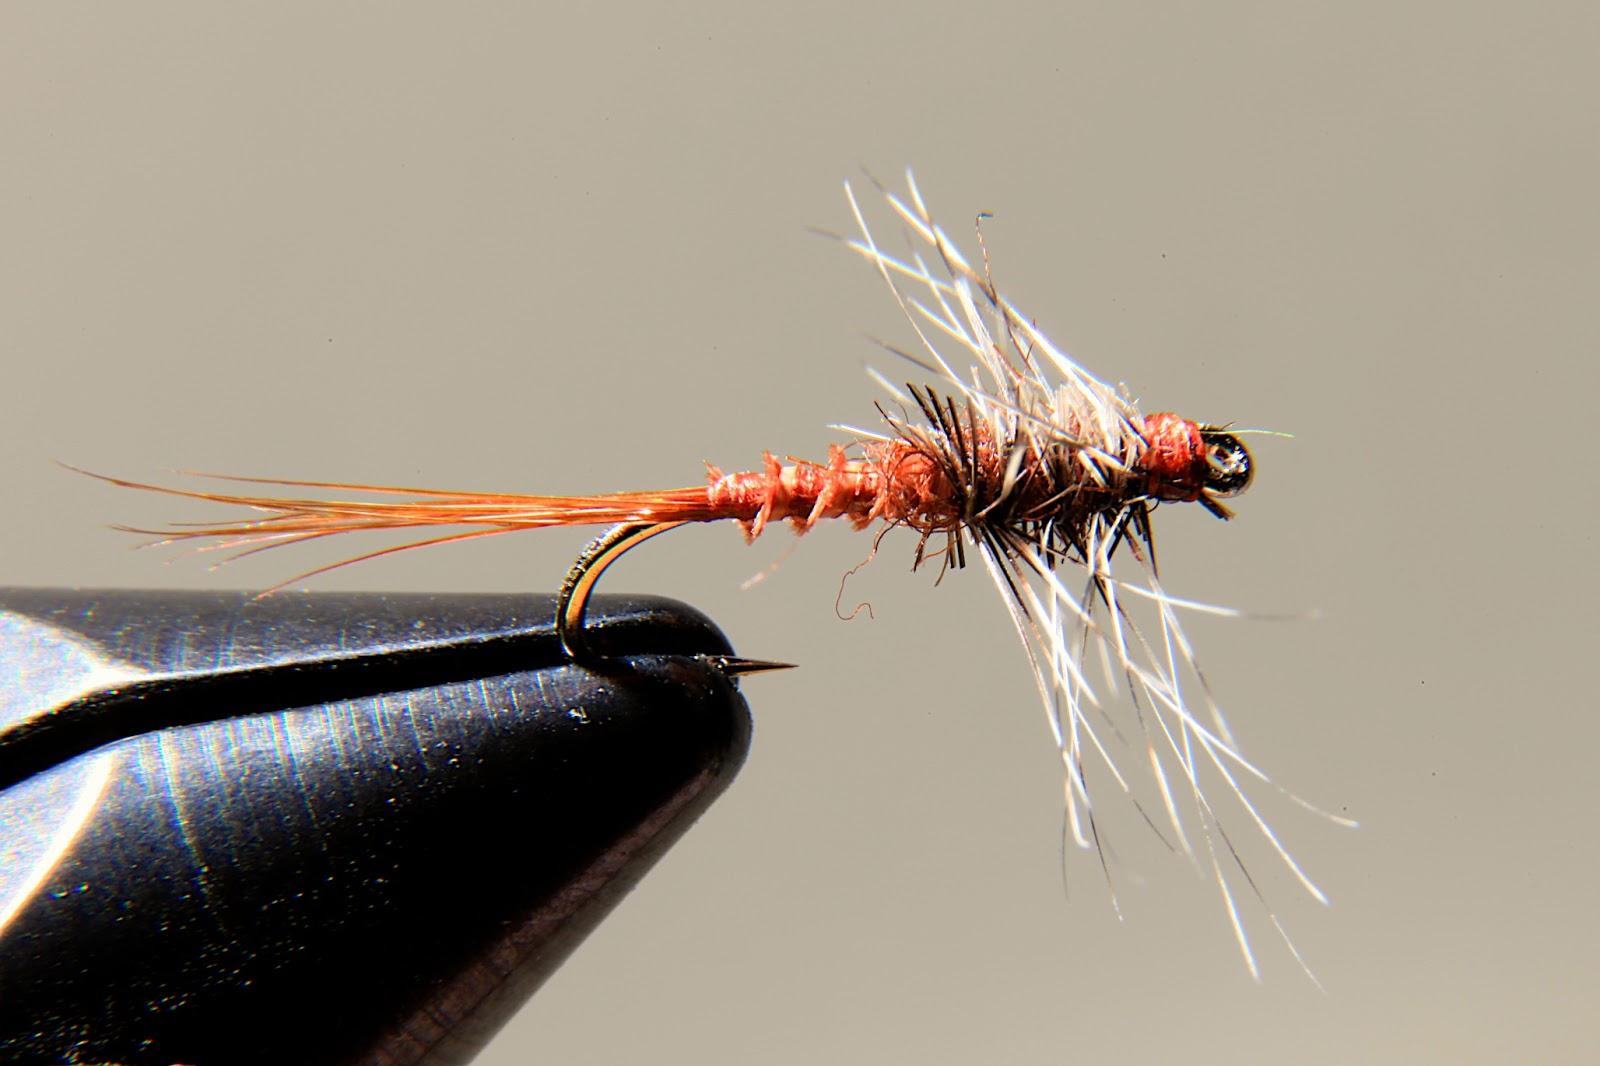 Rusty Spinner | Fly Tying II